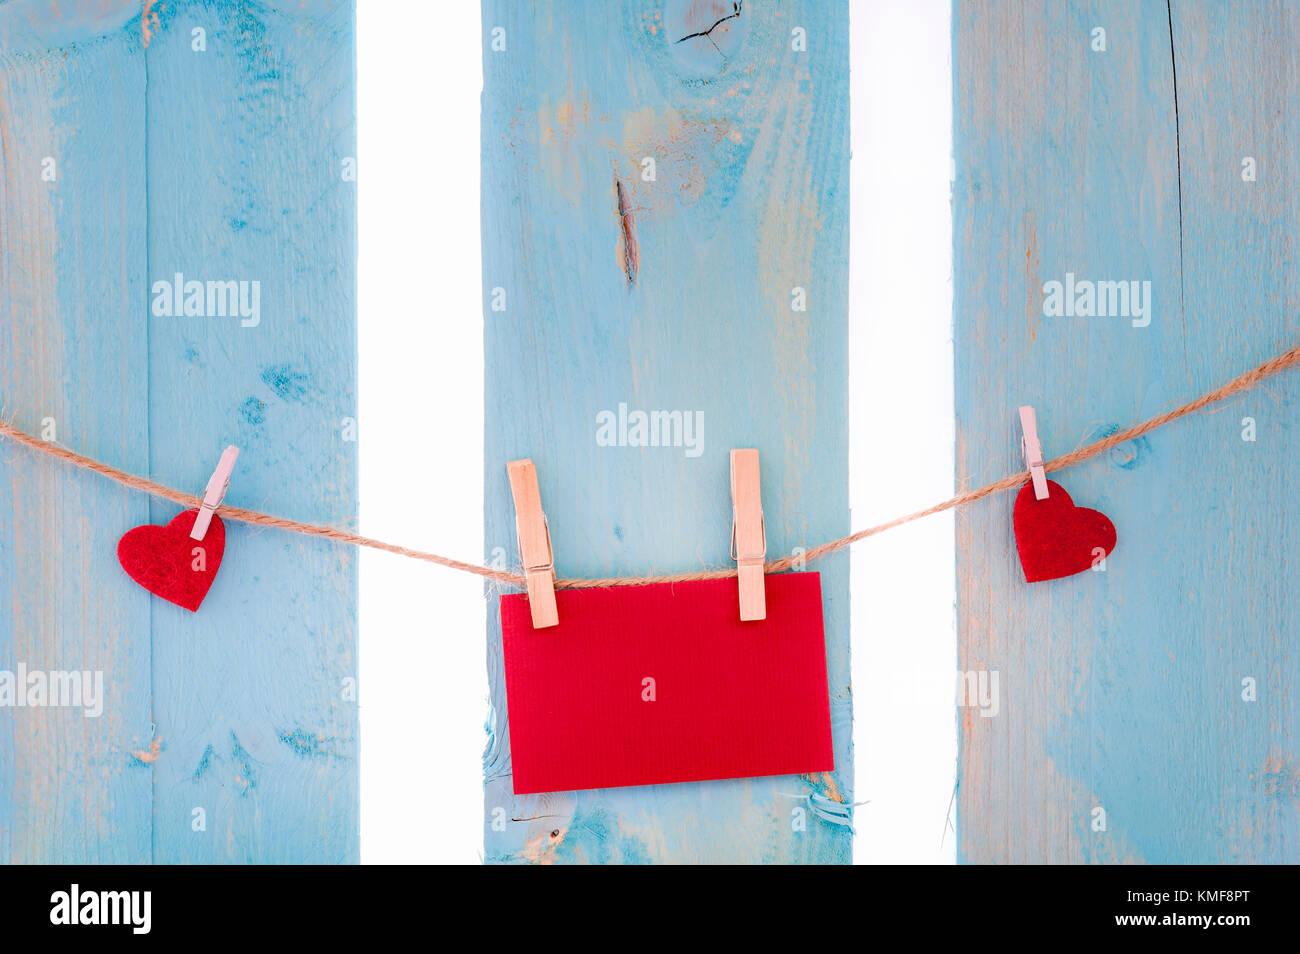 Rosso vuoto scheda messaggio circondato da cuori rossi, legato a una stringa di lino con clip in legno, su un recinto di blu. Foto Stock